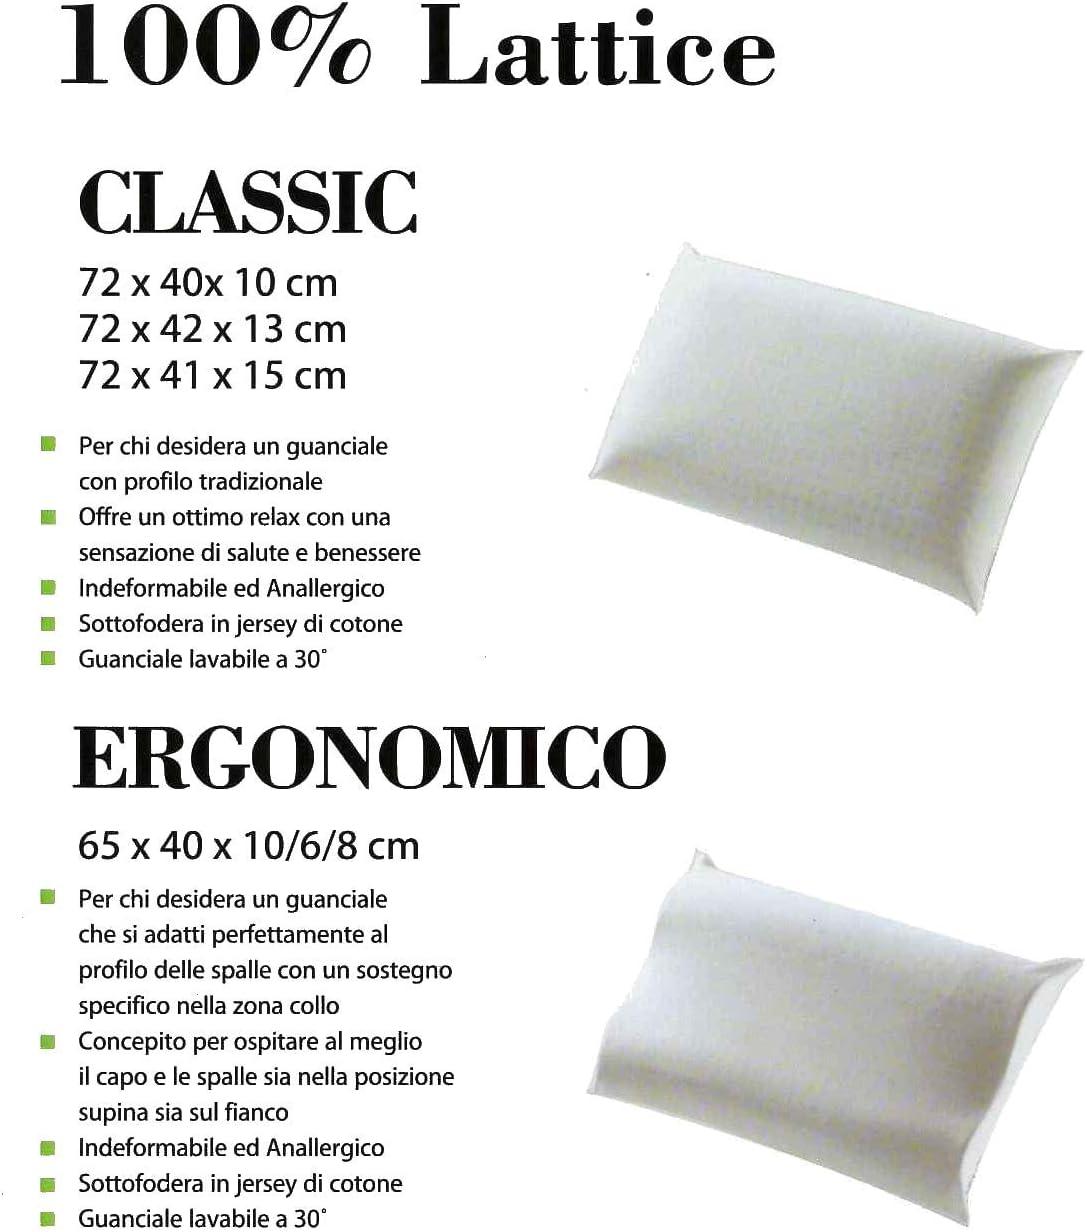 Offerta Cuscino Guanciale In Lattice 100 H13cm Sapsa Bedding Ex Pirelli Bedding Casa E Cucina Tessili Per La Casa Espacesvt Com